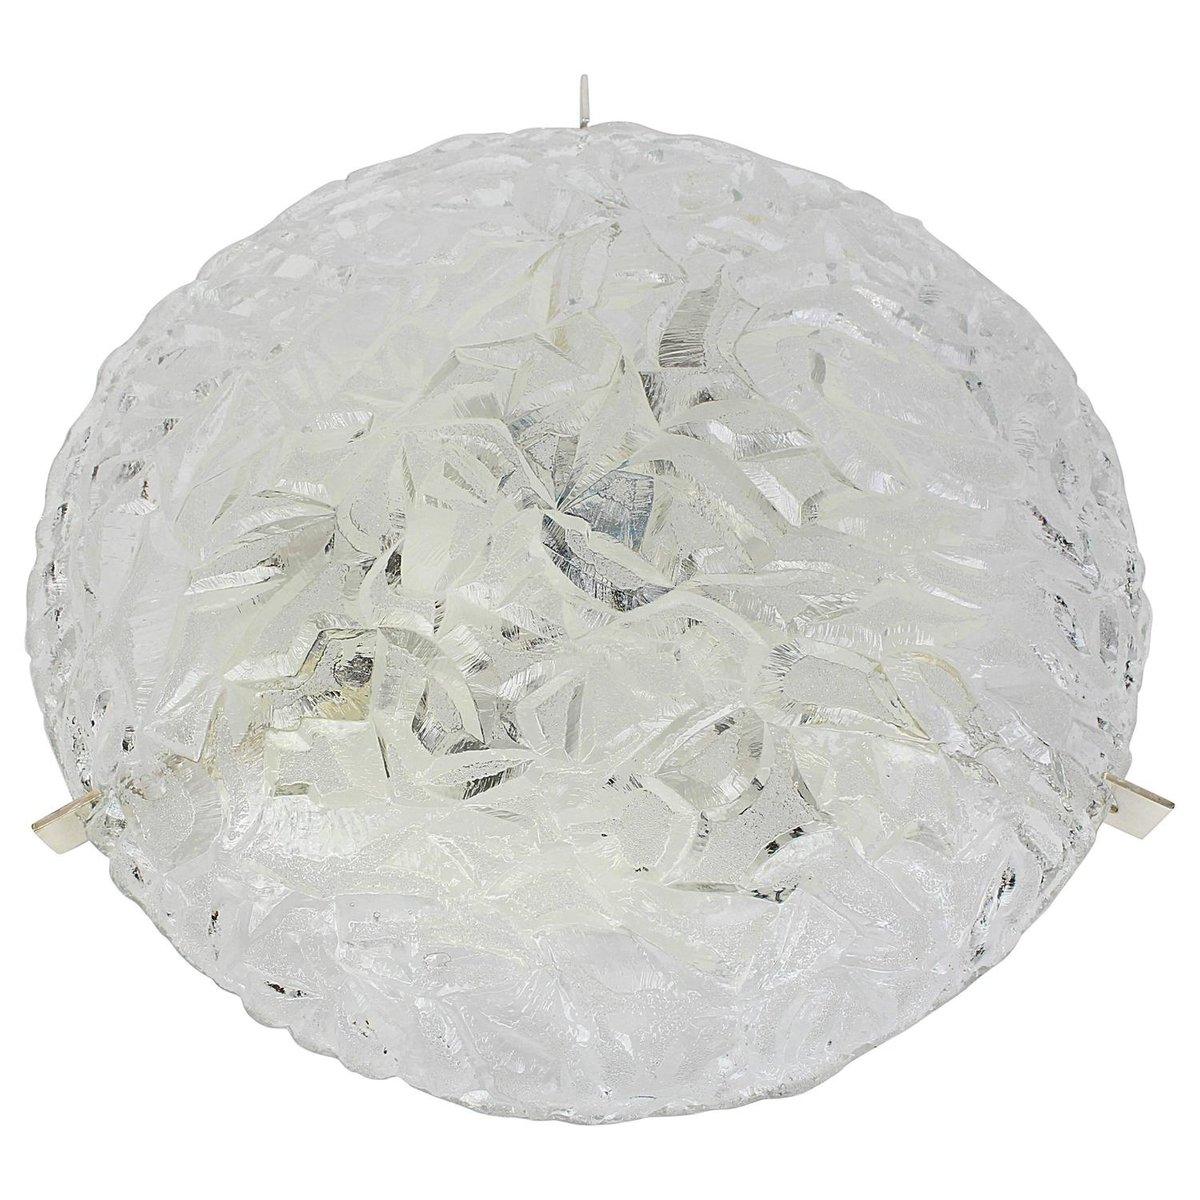 Große Runde Eisglas Deckenleuchte von Kaiser, 1970er